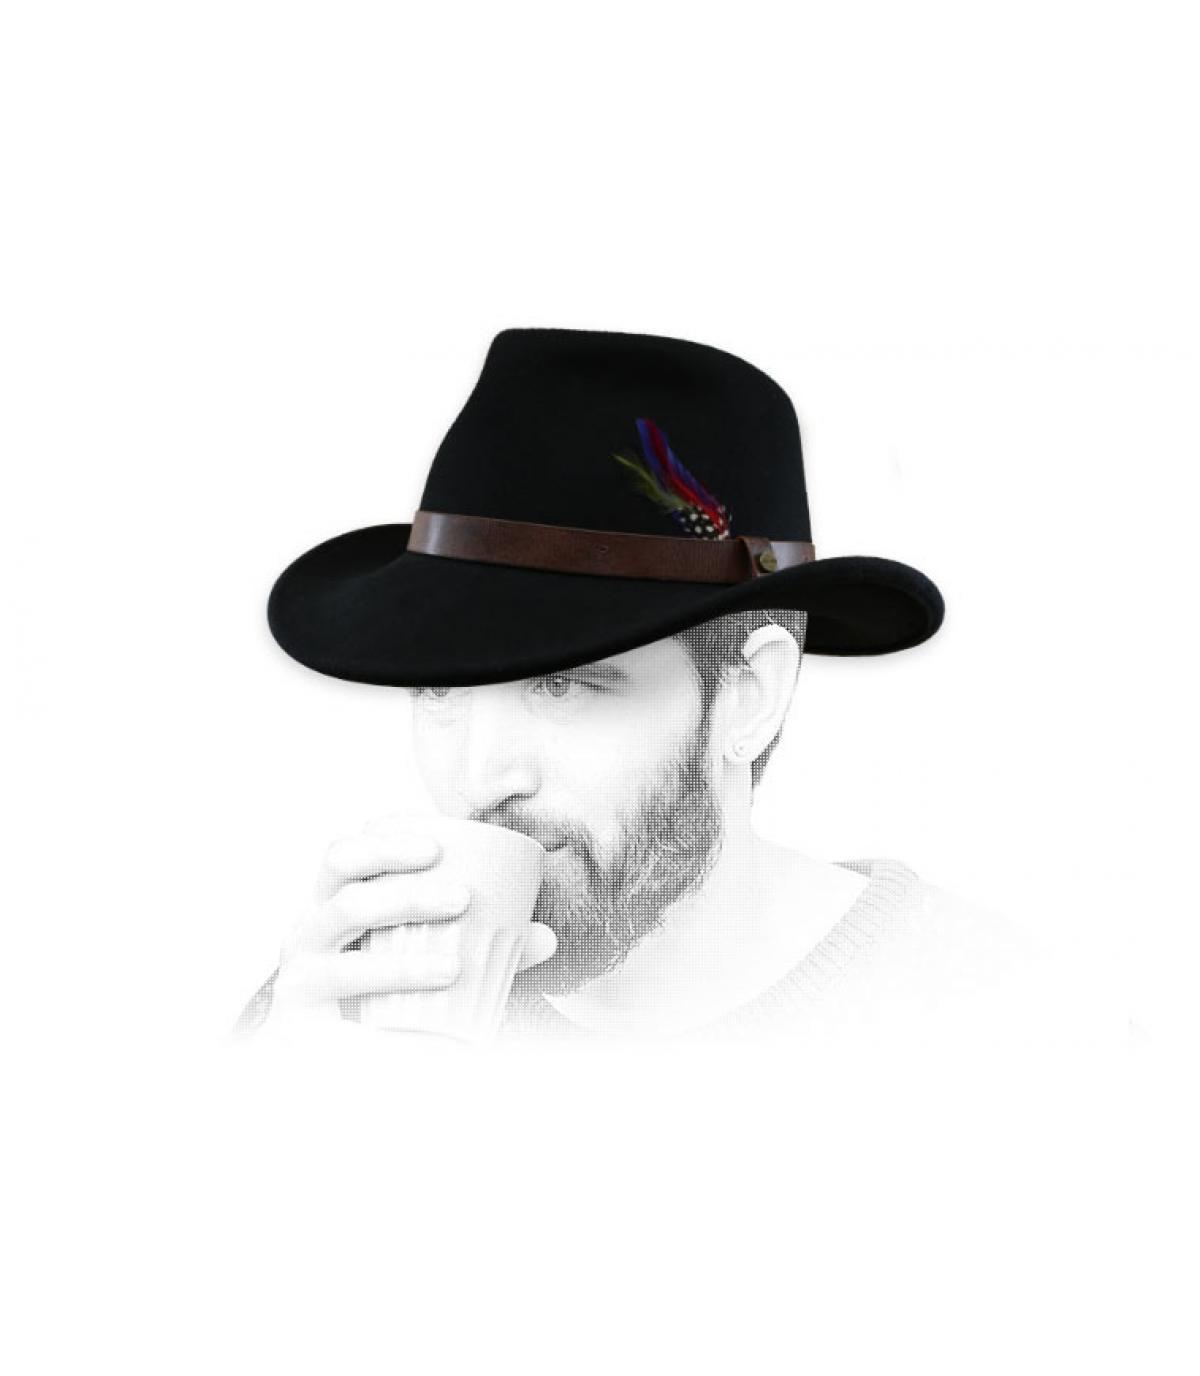 black felt cowboy hat